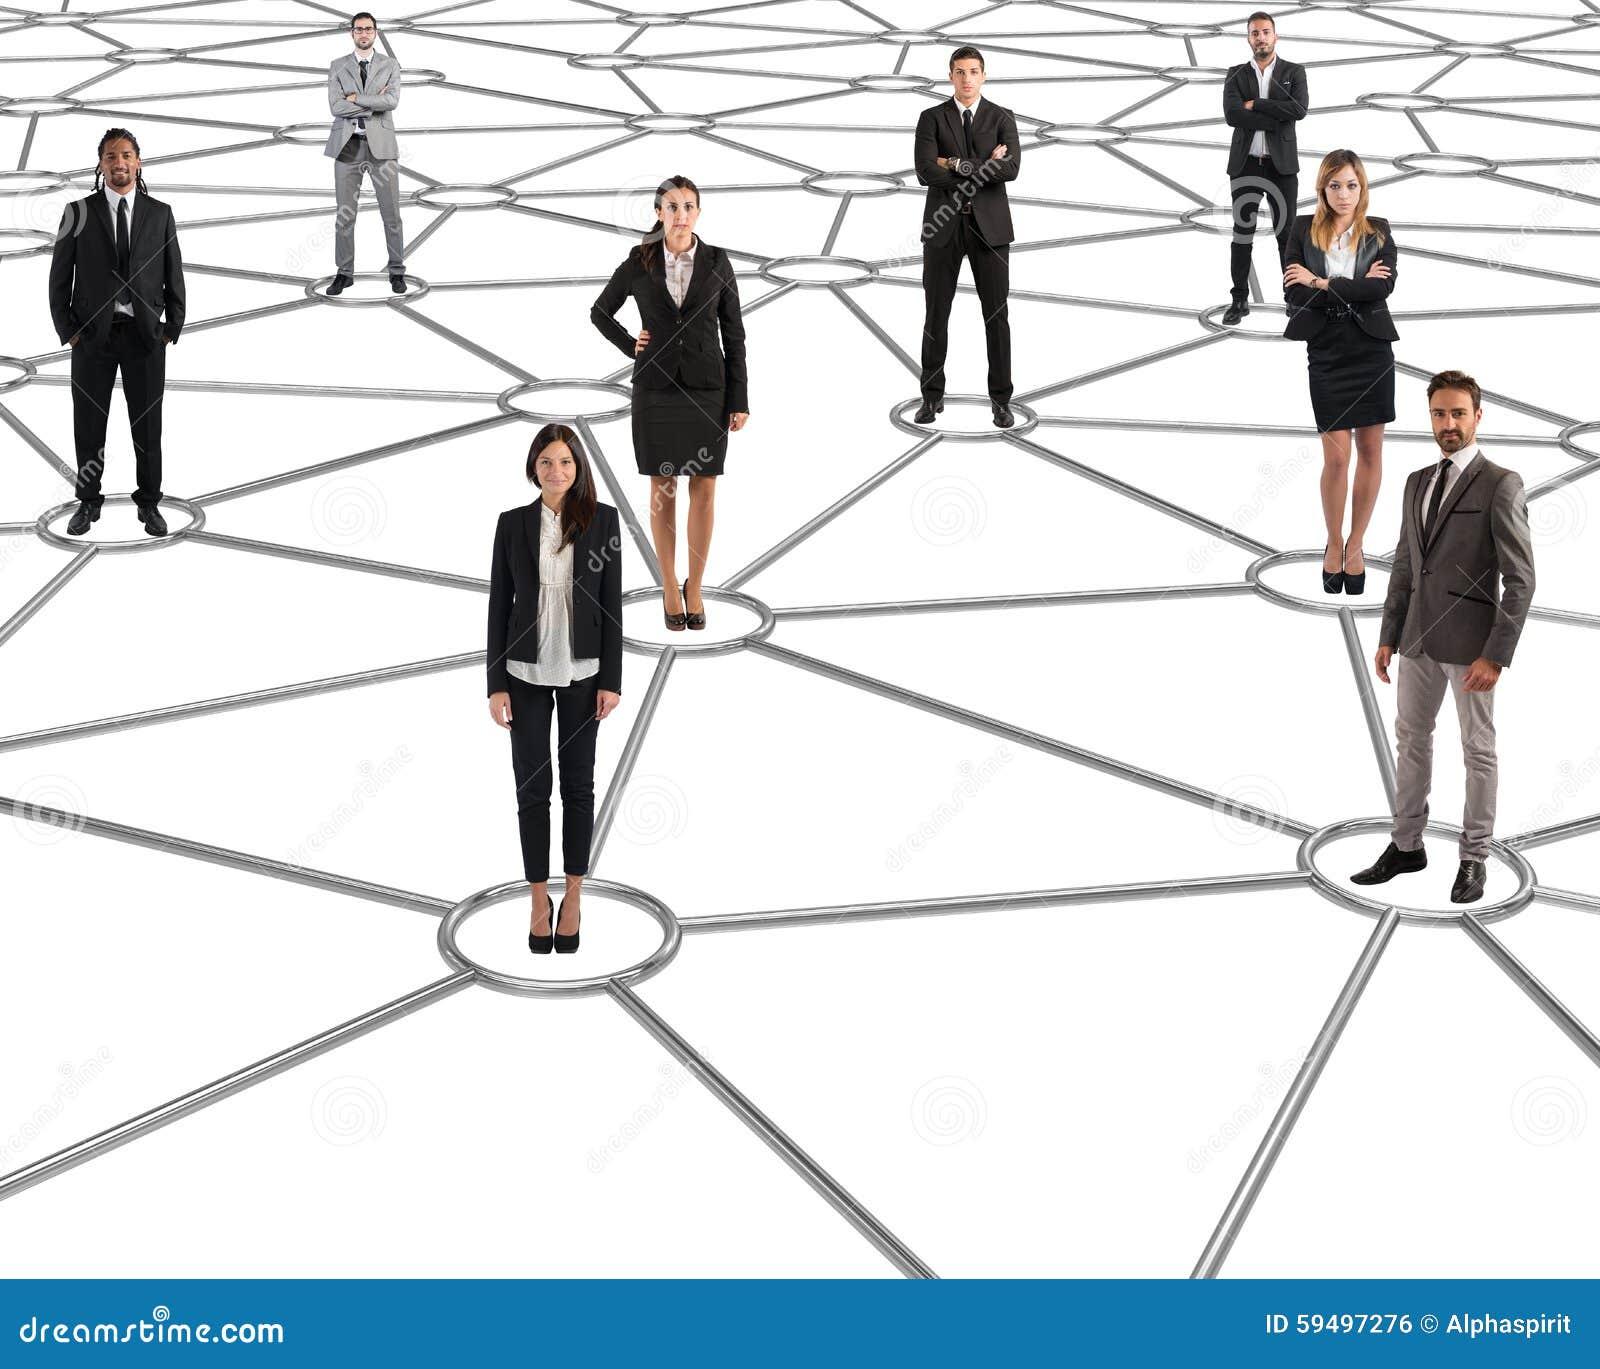 Futurs réseaux sociaux